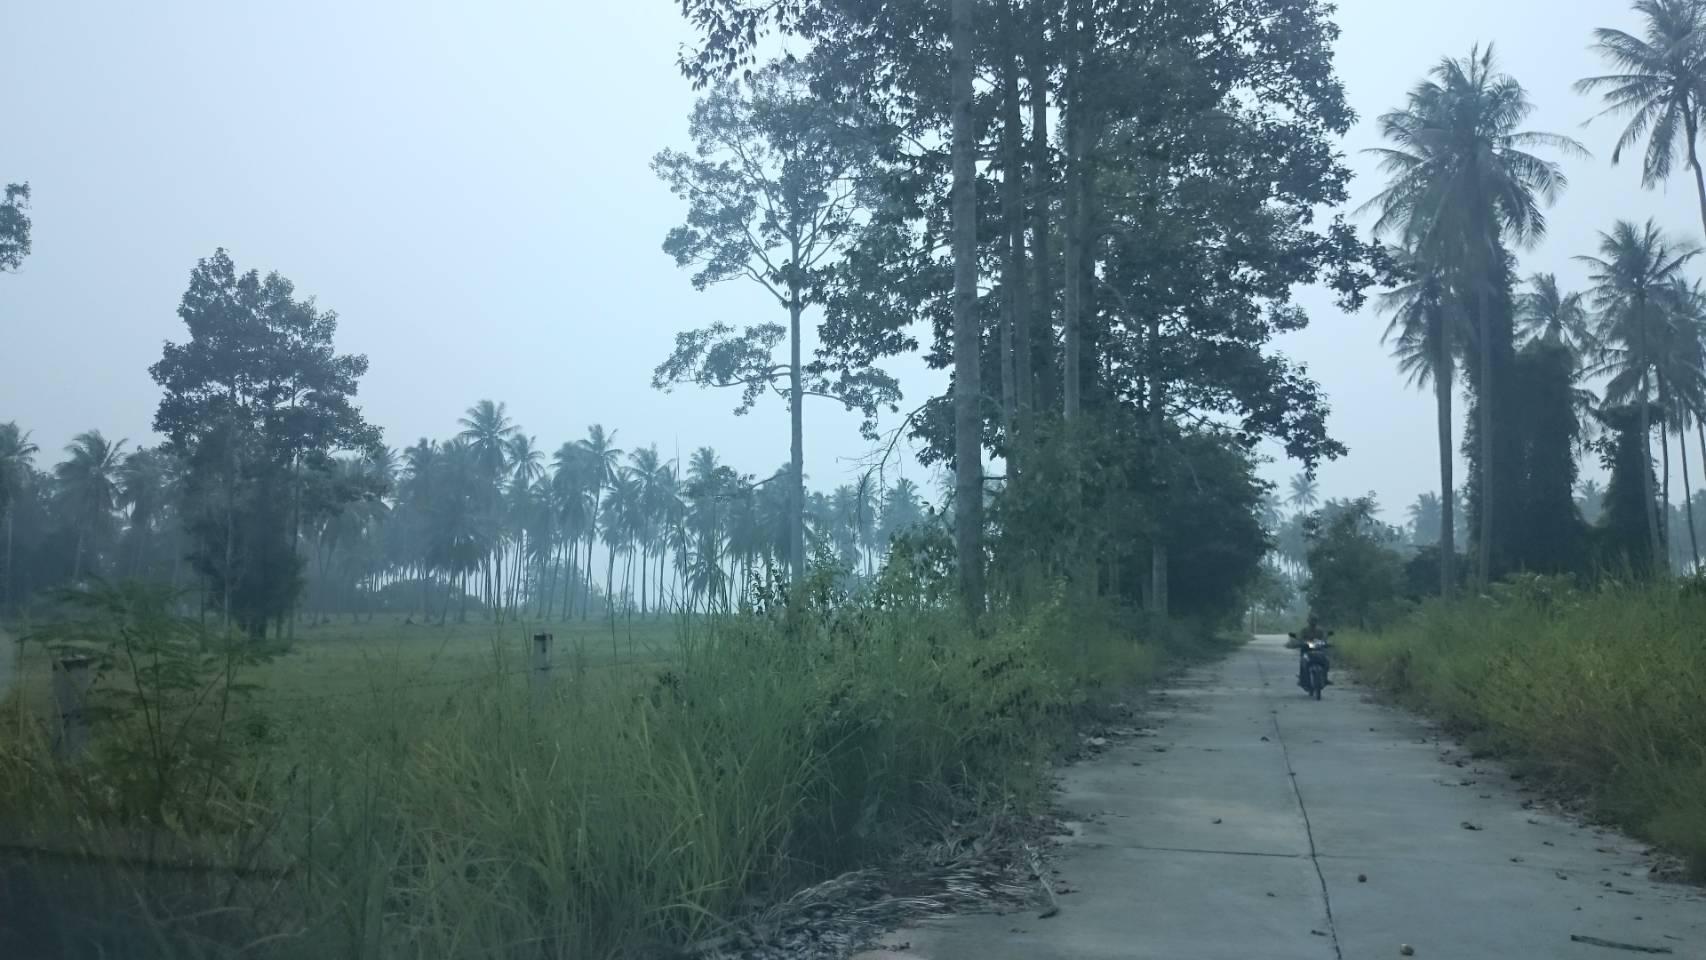 ขายที่ดินติดหาดท้องกรูท เกาะสมุย 7